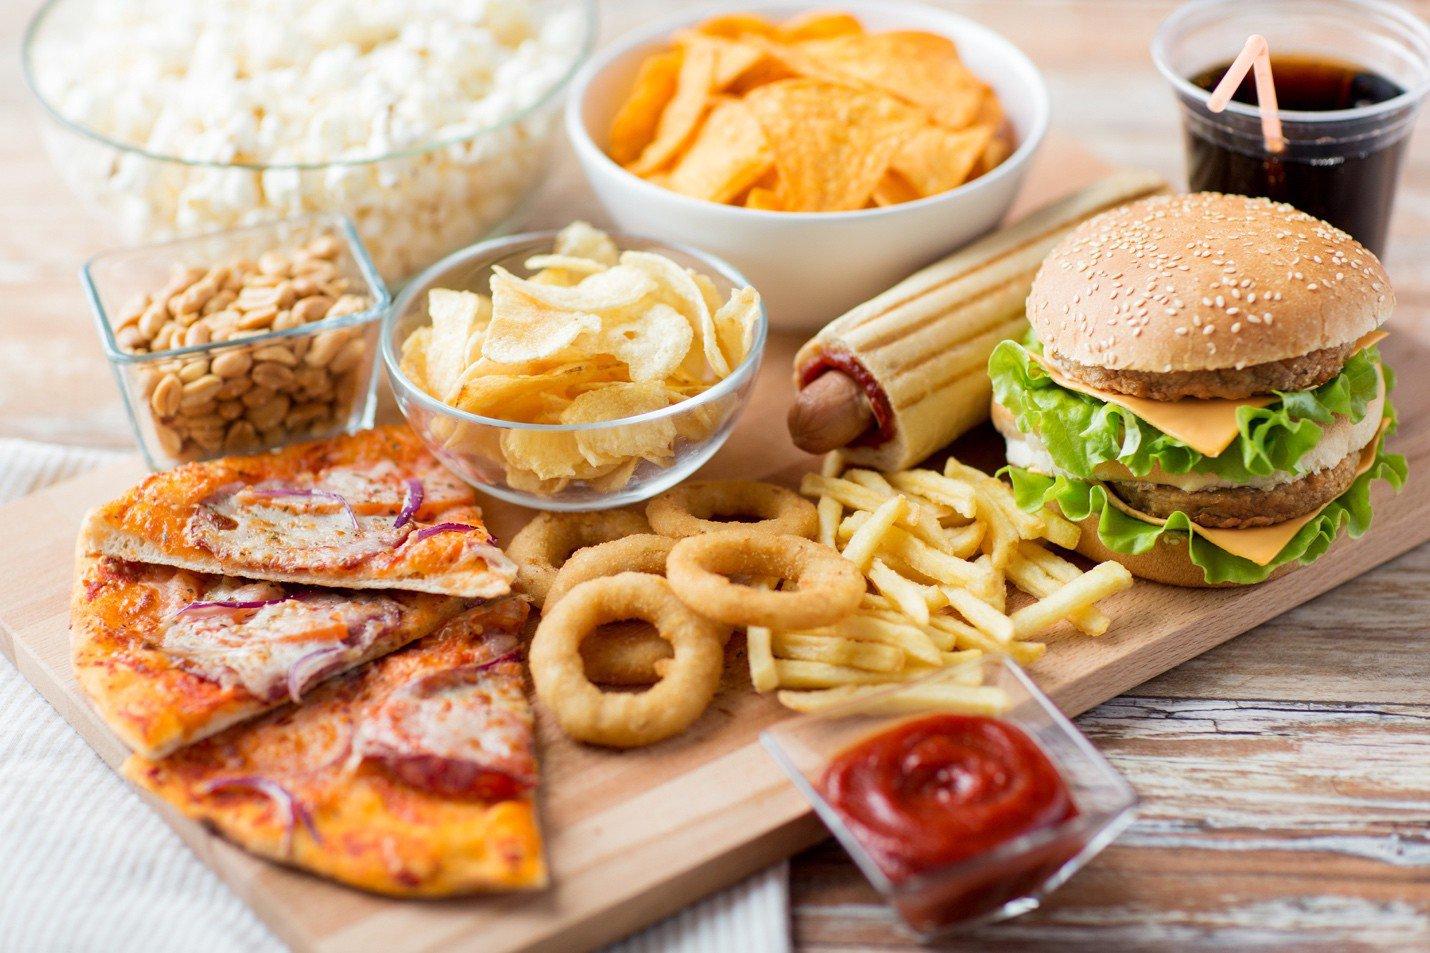 Những món ăn nên và không nên đối với sản phụ sinh mổ - ảnh 1